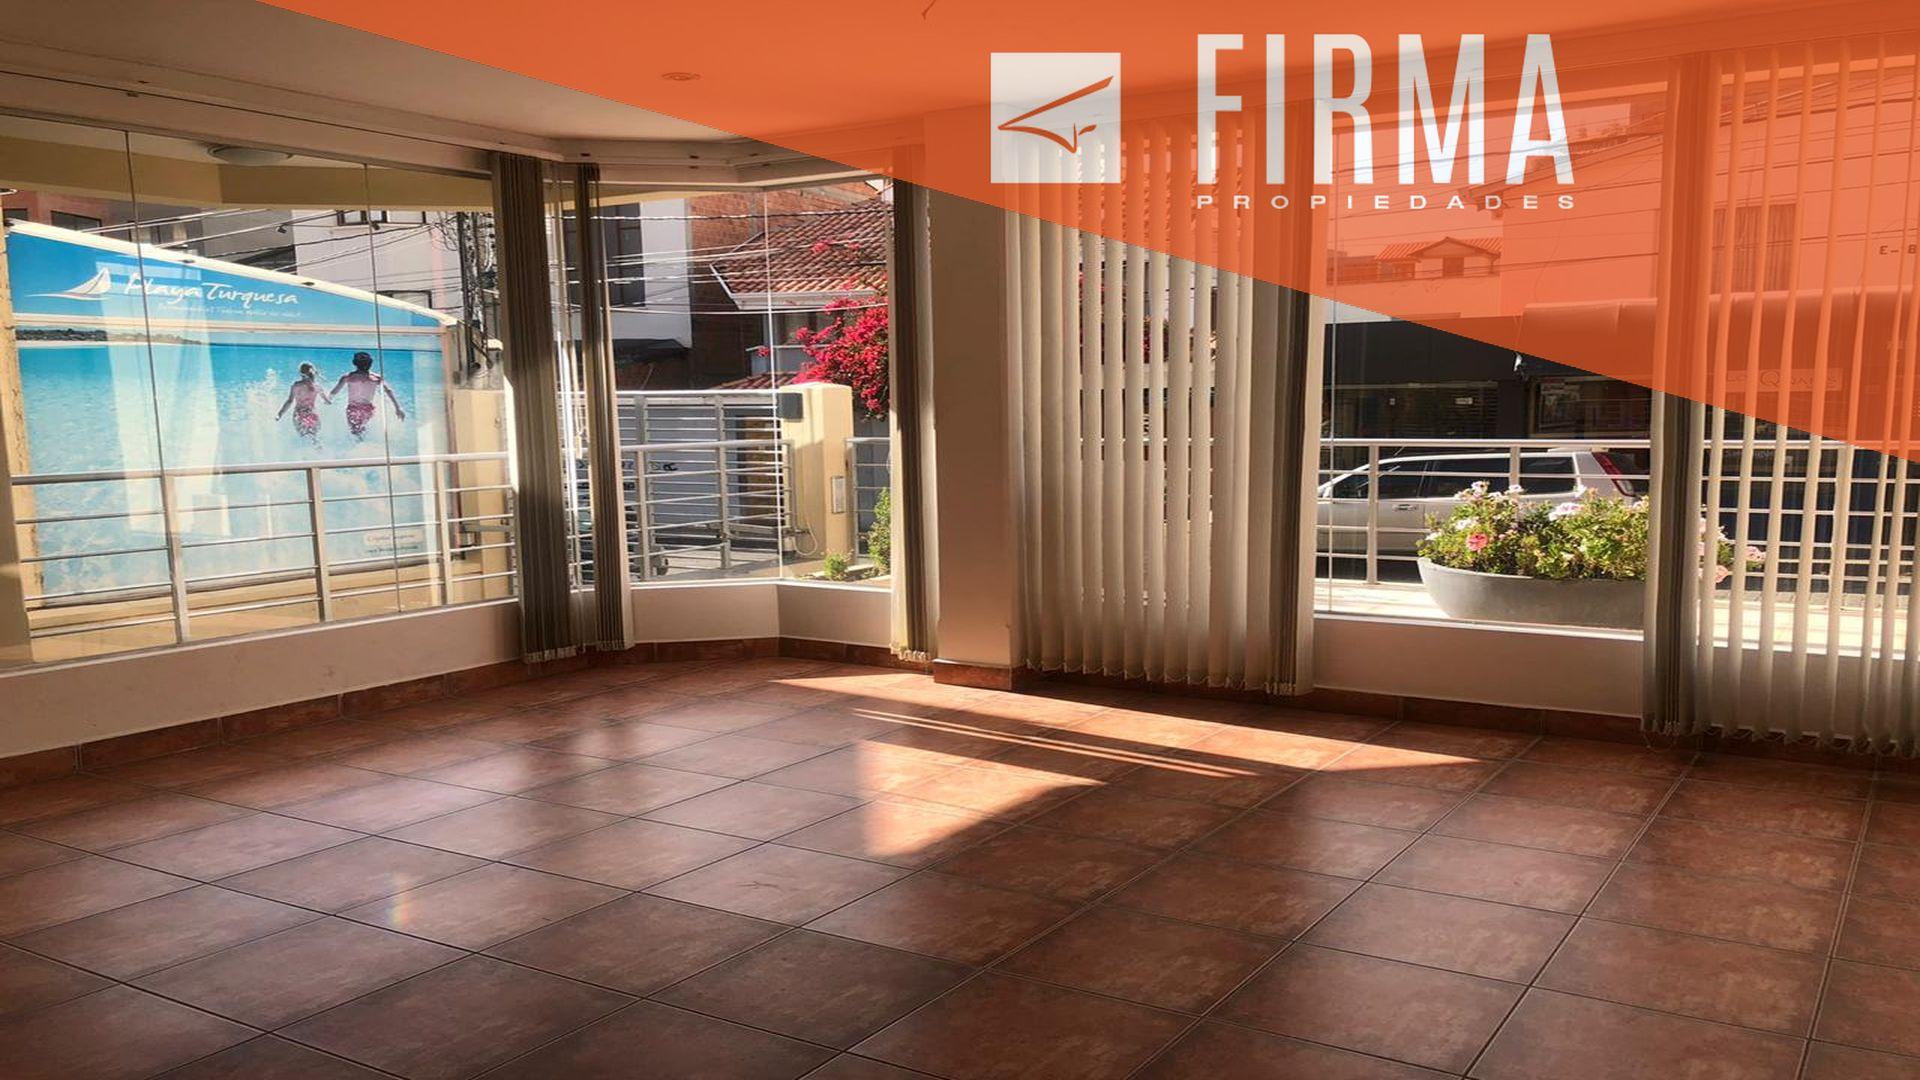 Local comercial en Alquiler FLA42550 – ALQUILA TU LOCAL COMERCIAL EN SAN MIGUEL Foto 11